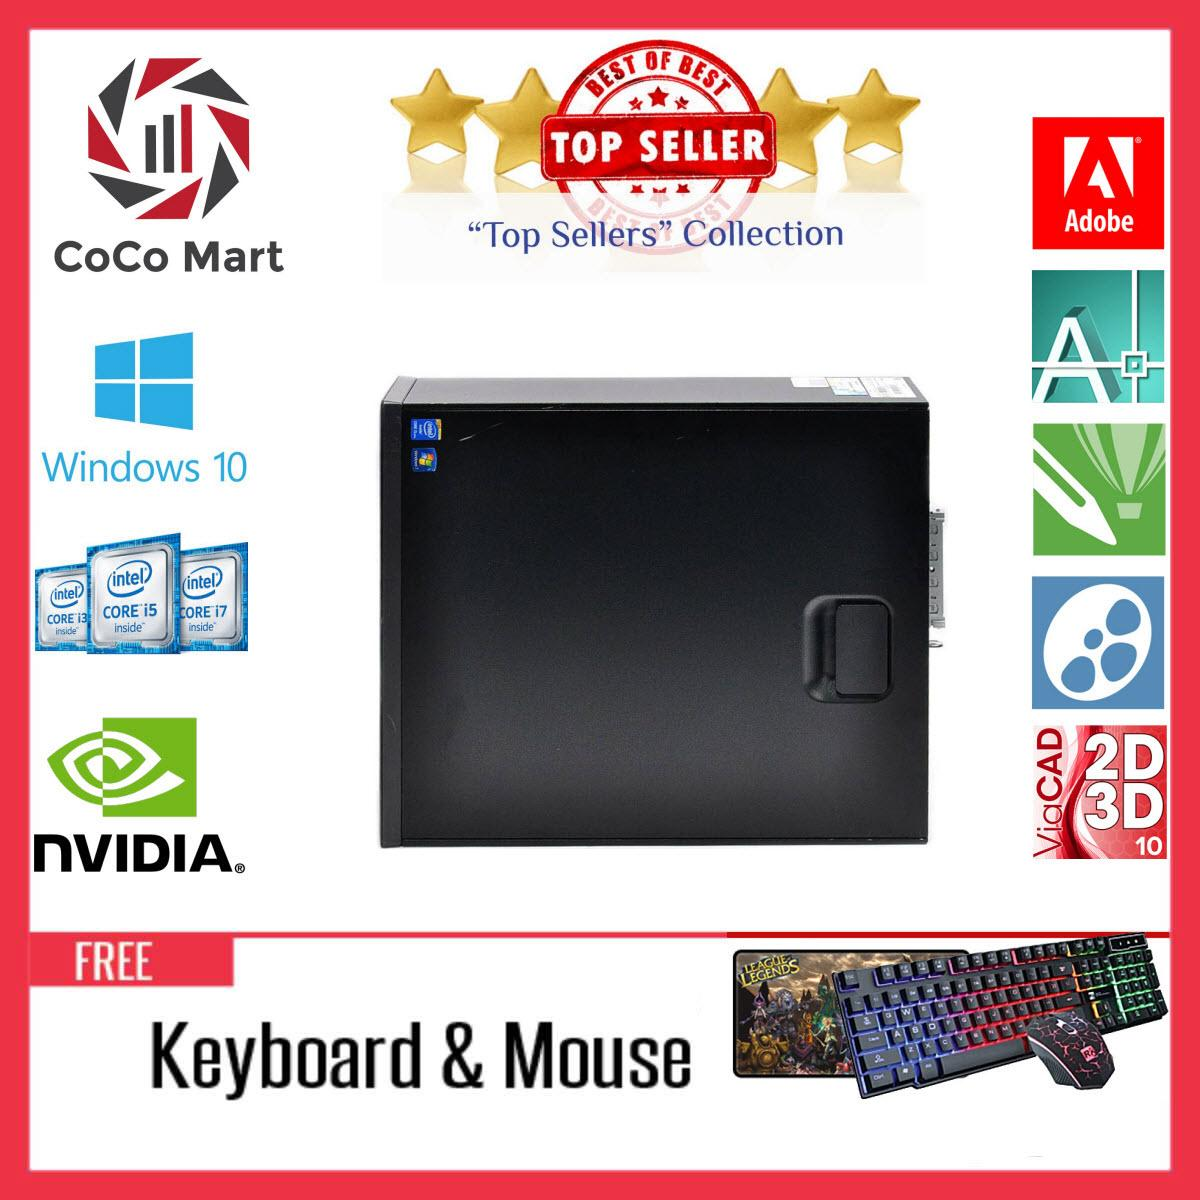 Máy tính đồng bộHP EliteDesk 800 G1 SFF Chạy CPU Pentium G3250, Ram 8GB, SSD 120GB, HDD 3TB + Bộ Quà Tặng - Hàng Nhập Khẩu